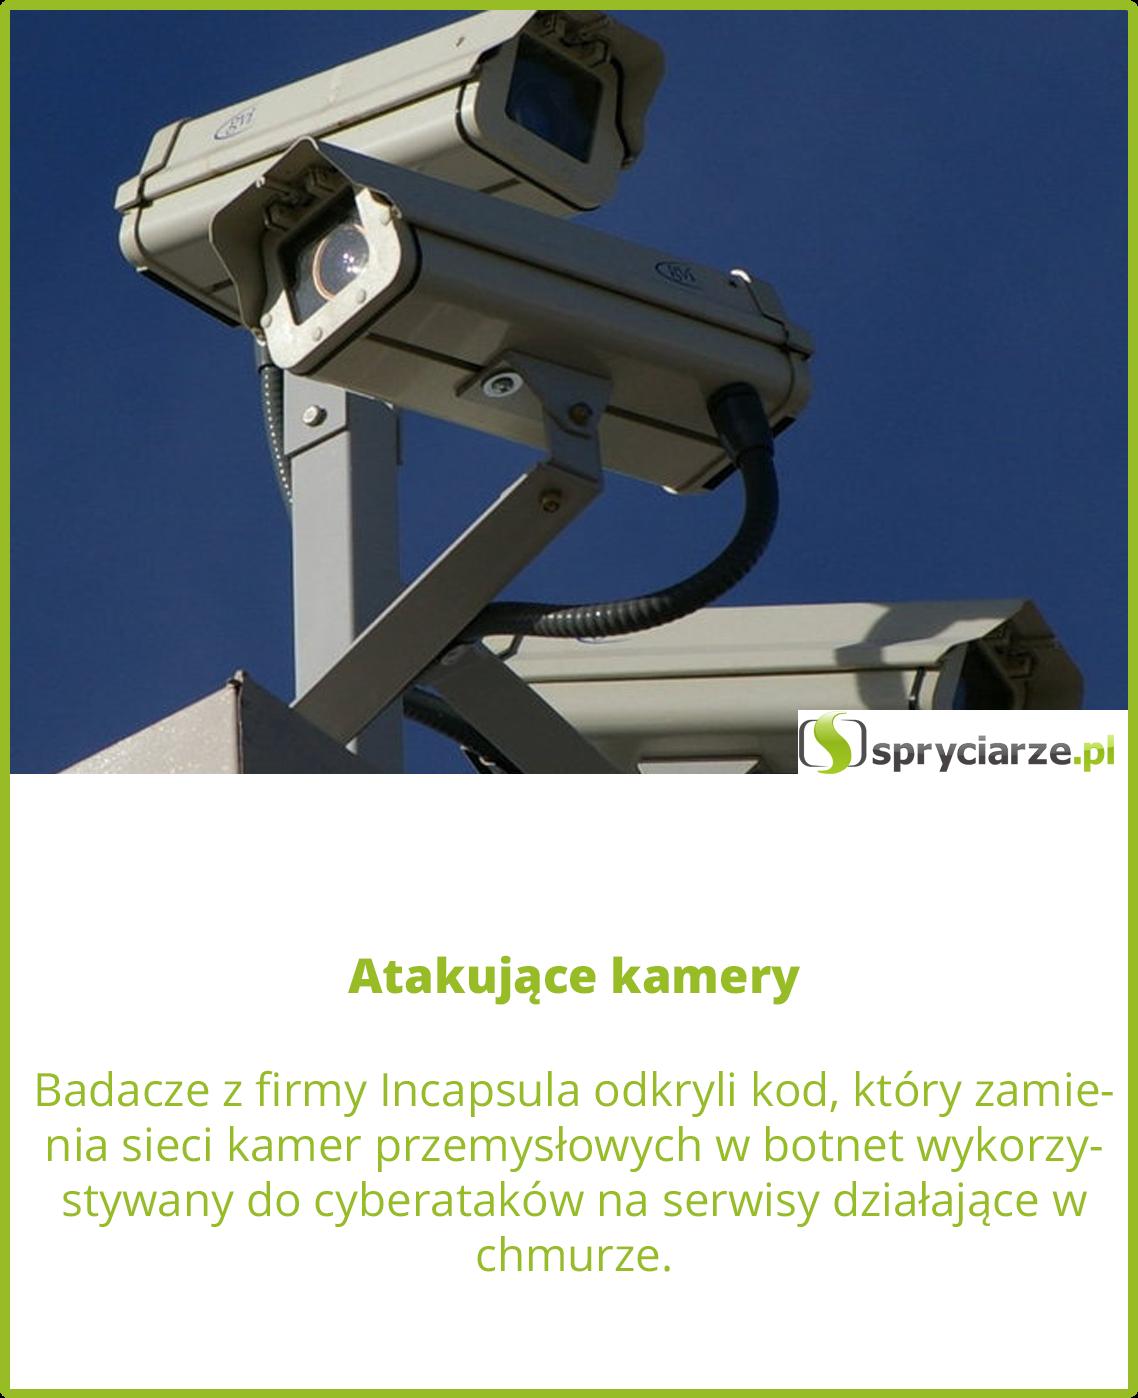 Atakujące kamery